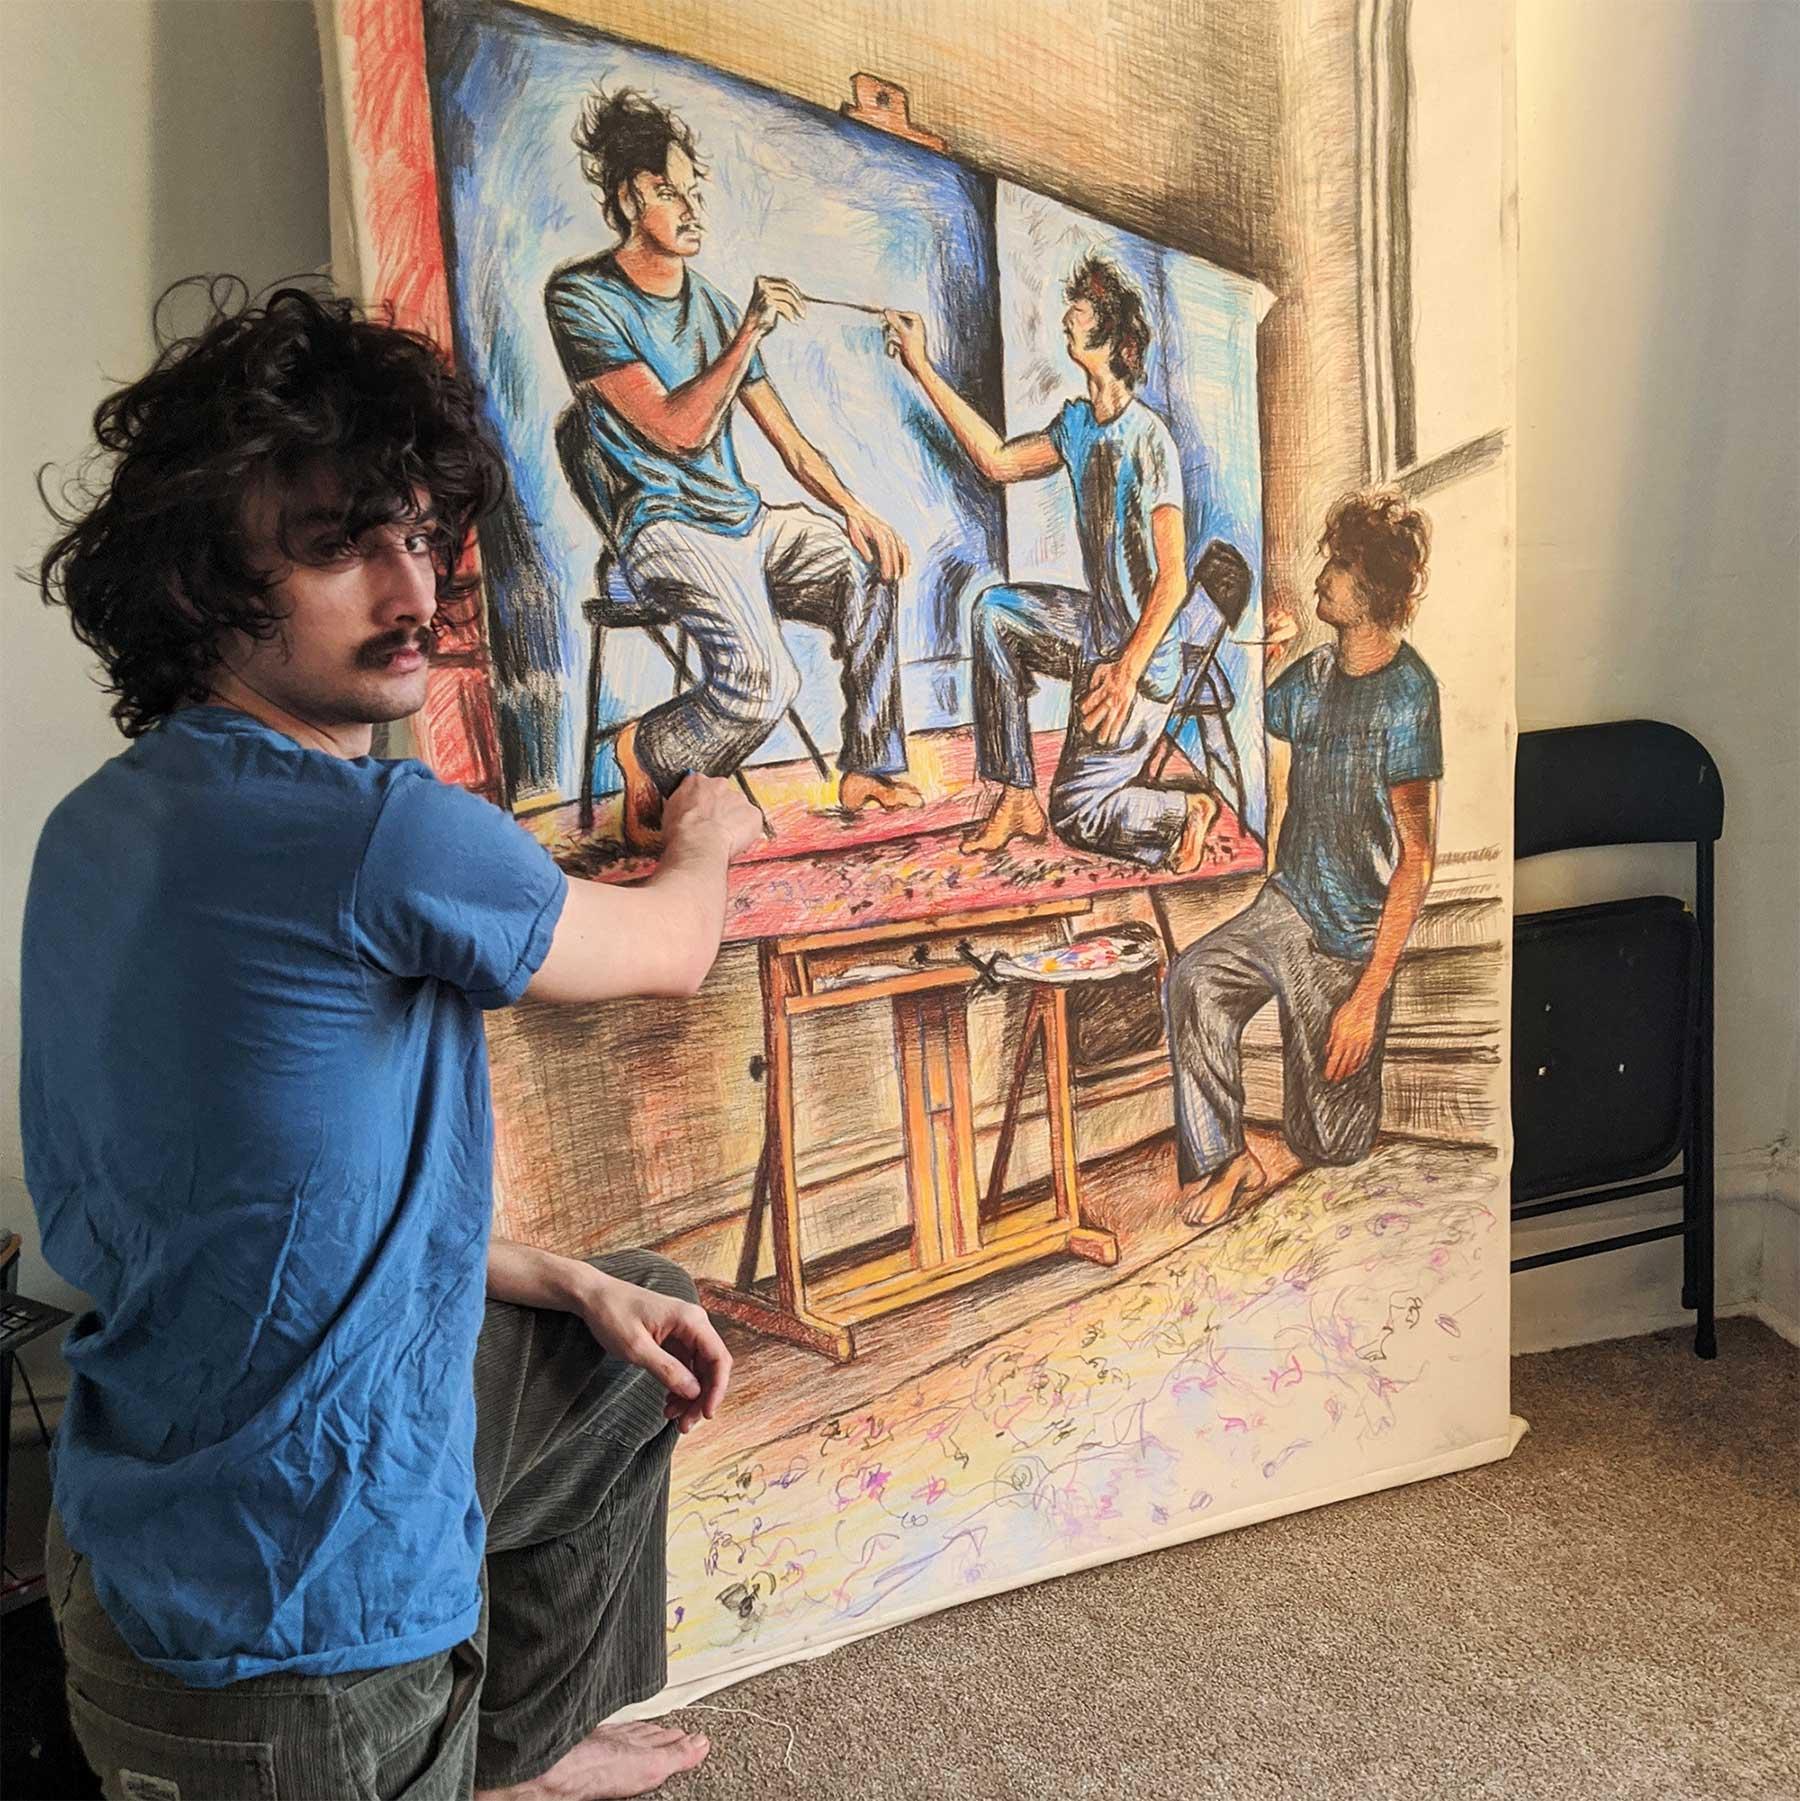 Seamus Wray malt sich, wie er sich malt, wie er sich malt, wie ... Seamus-Wray-self-portrait-meta-levels_04